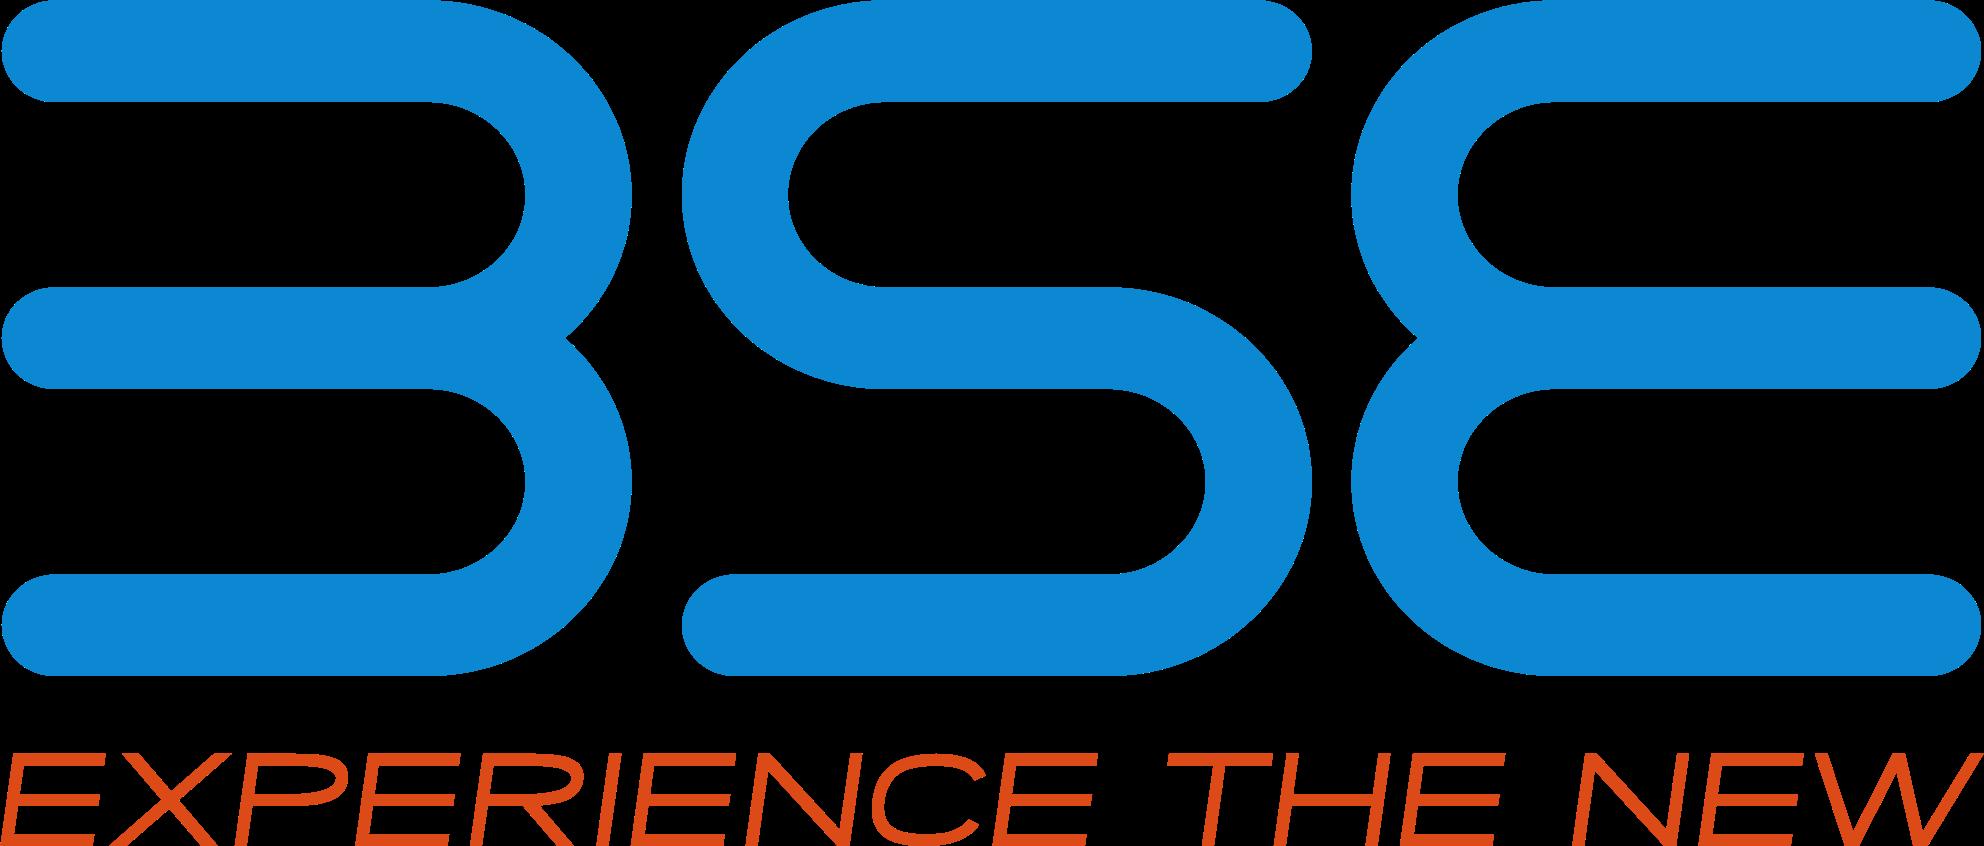 BSE Full Logo